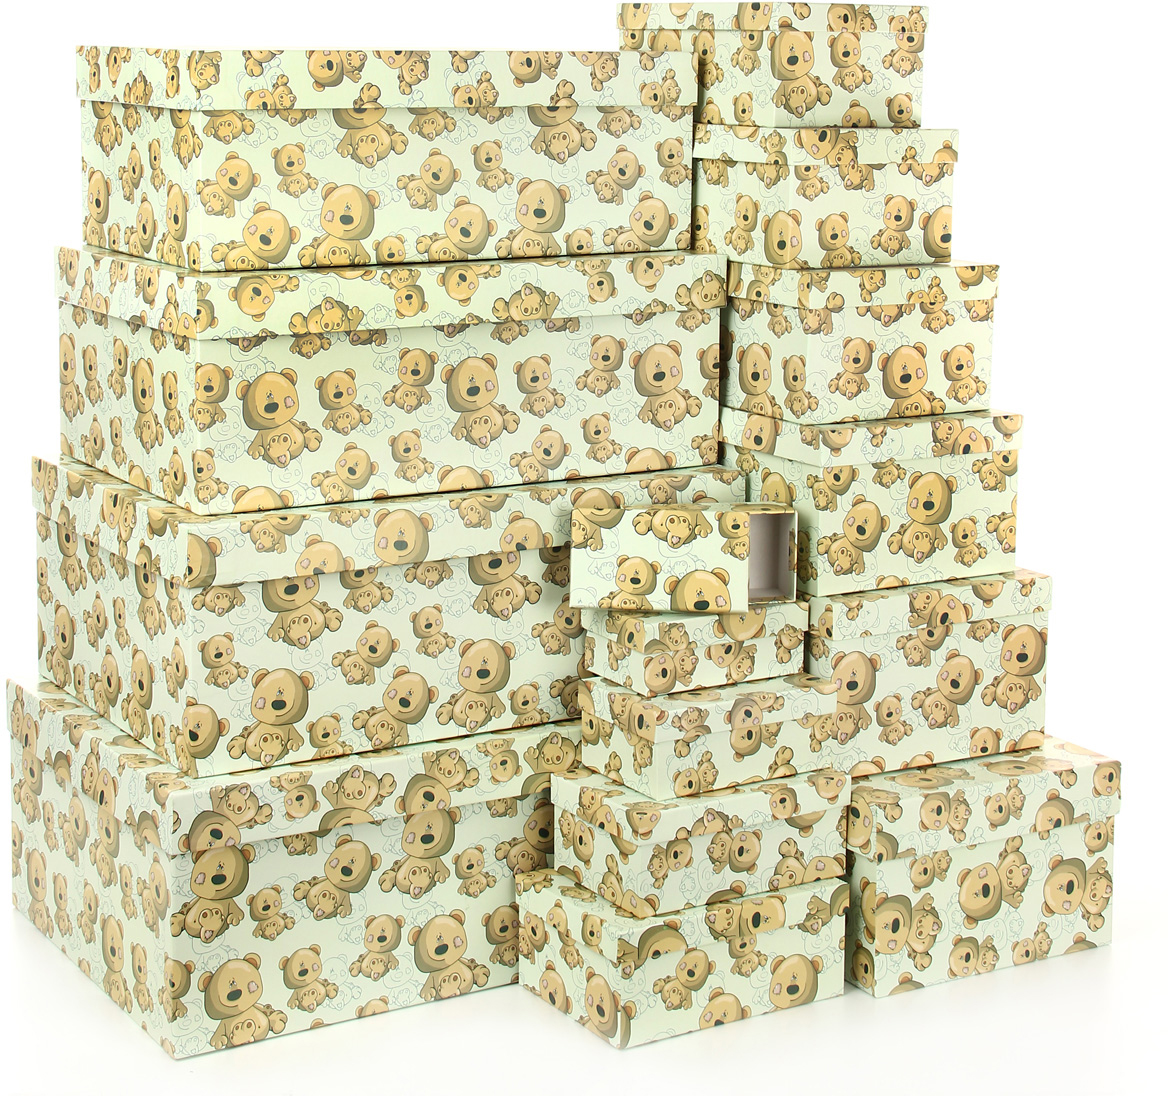 Набор подарочных коробок Veld-Co Плюшевый улыбака, 15 шт набор подарочных коробок veld co миром правит доброта 15 шт